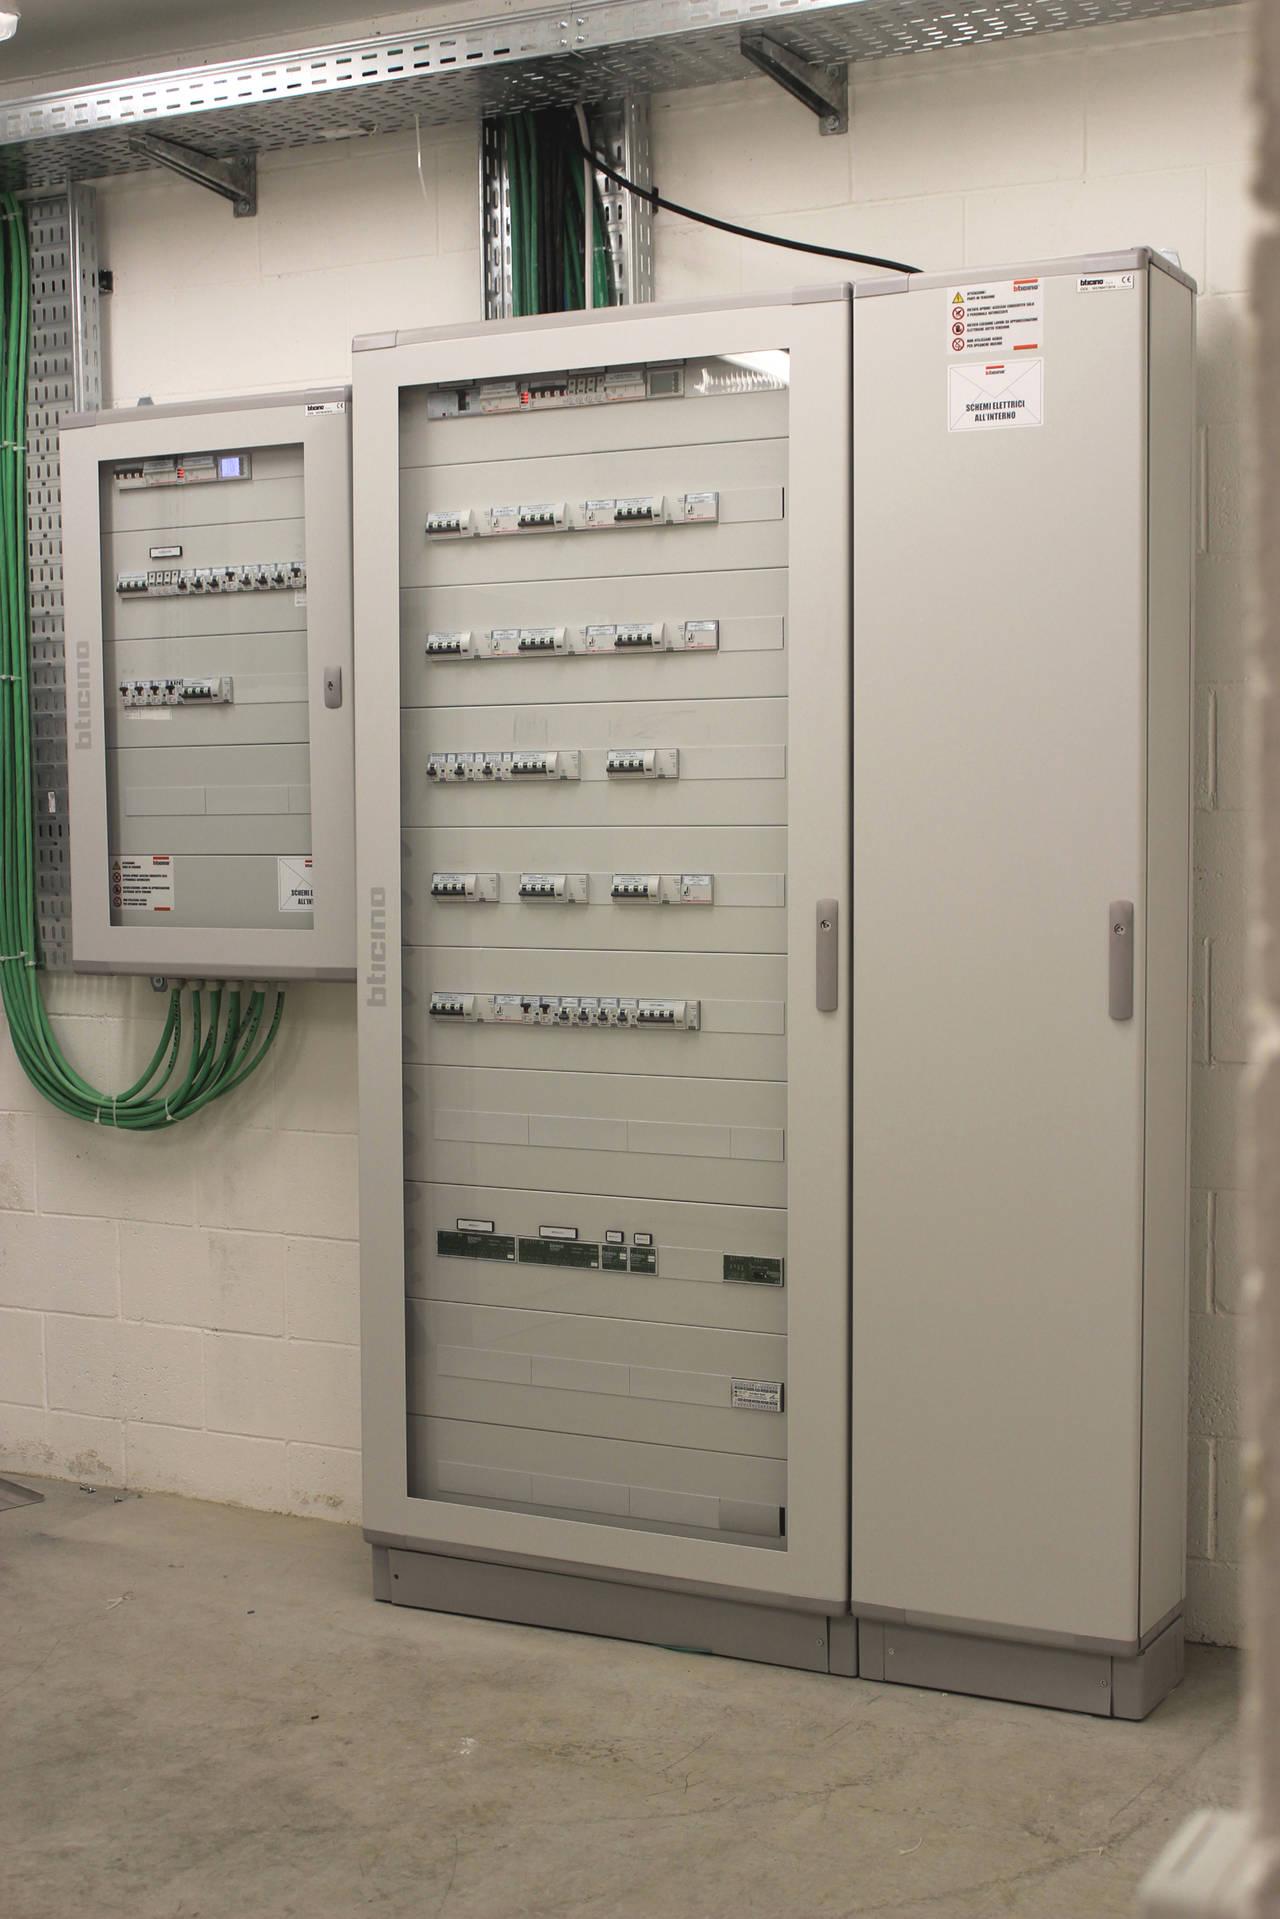 I quadri elettrici del secondo padiglione. Le porte in vetro trasparente garantiscono la protezione della componentistica e gli accessi indesiderati, ma permettono comunque di individuare eventuali problematiche